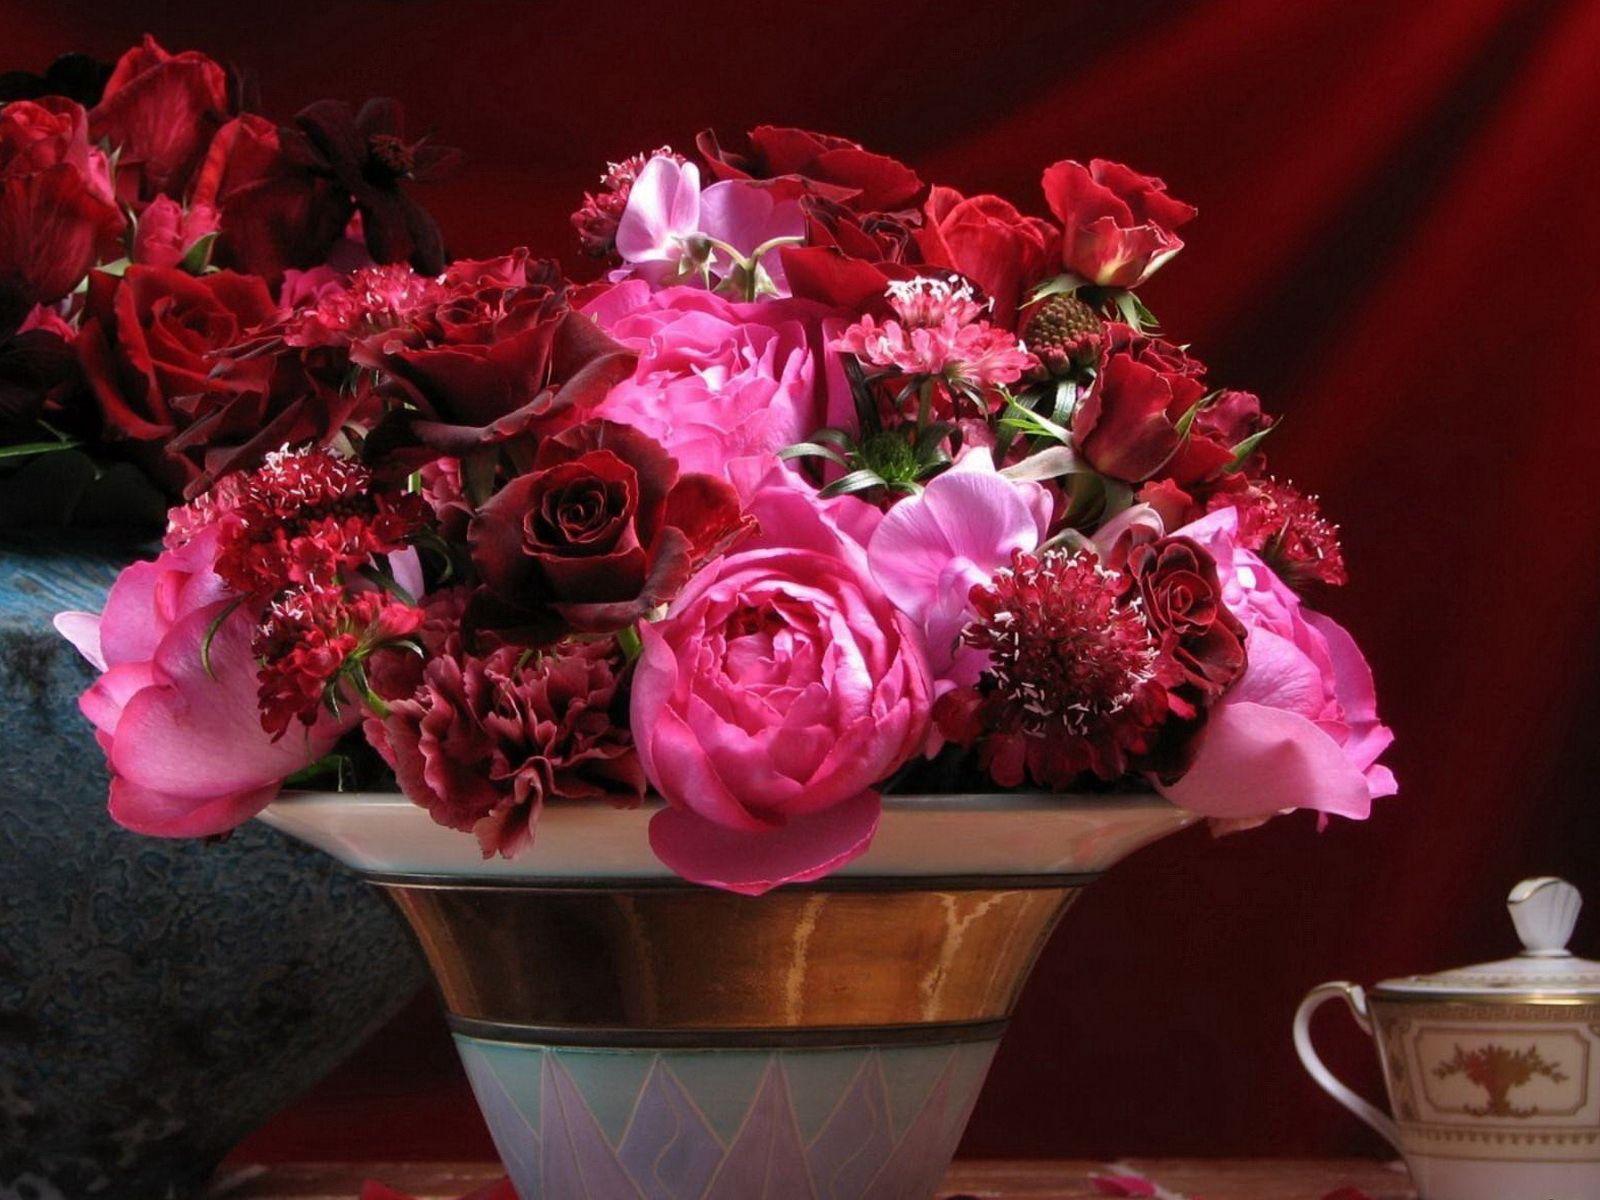 78562 Заставки и Обои Гвоздики на телефон. Скачать Цветы, Розы, Гвоздики, Лепестки, Букет, Стол, Ваза картинки бесплатно